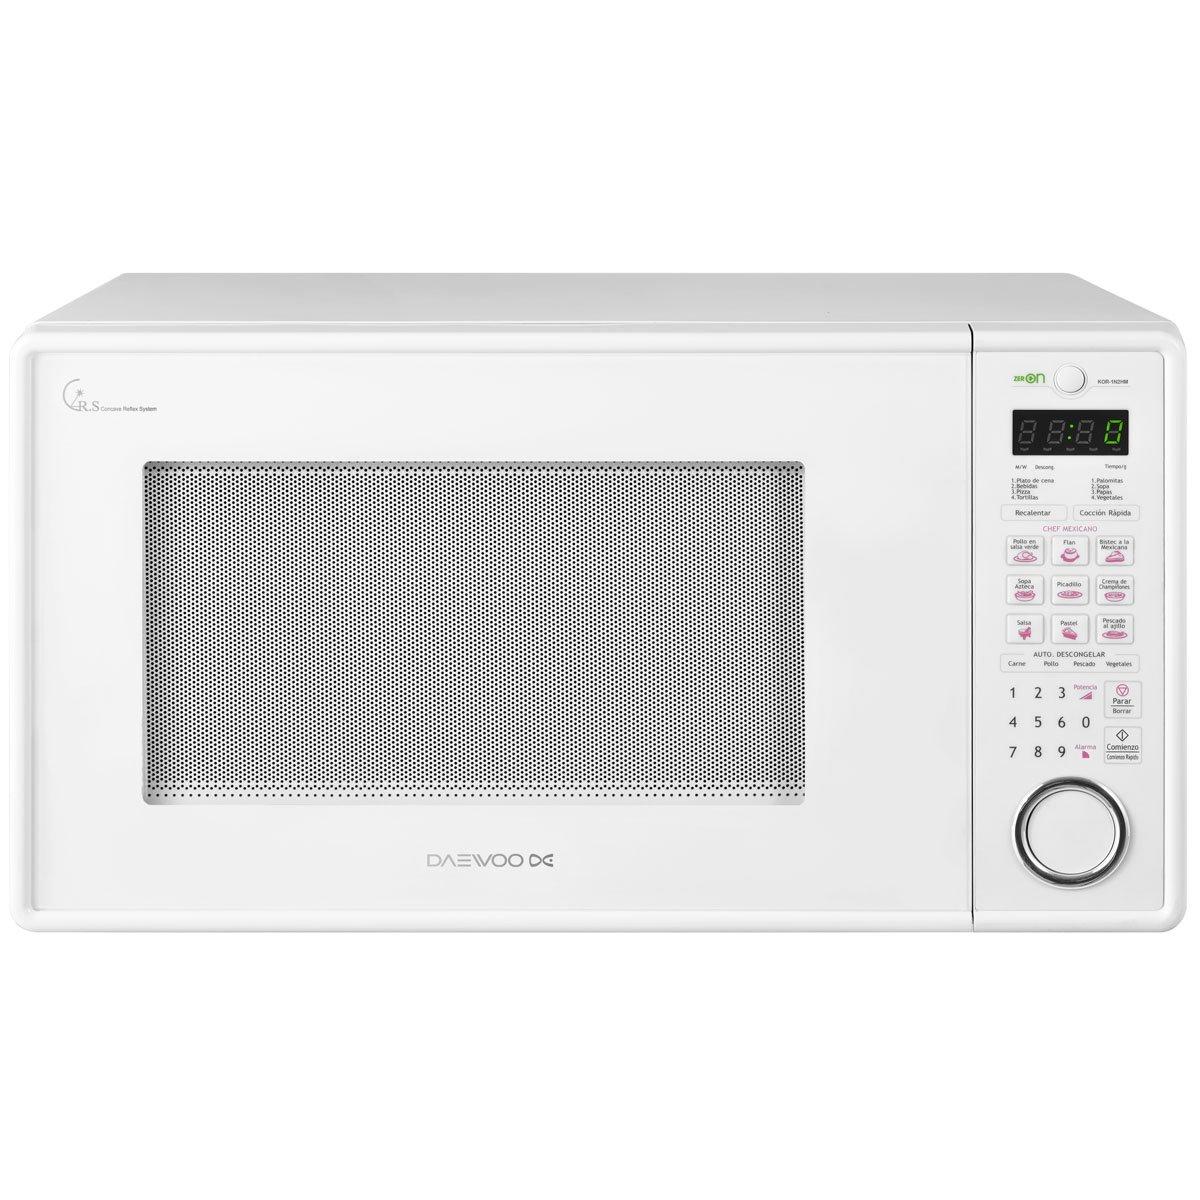 Horno de microondas daewoo 1 1 pies blanco sears com mx for Cocinar en microondas